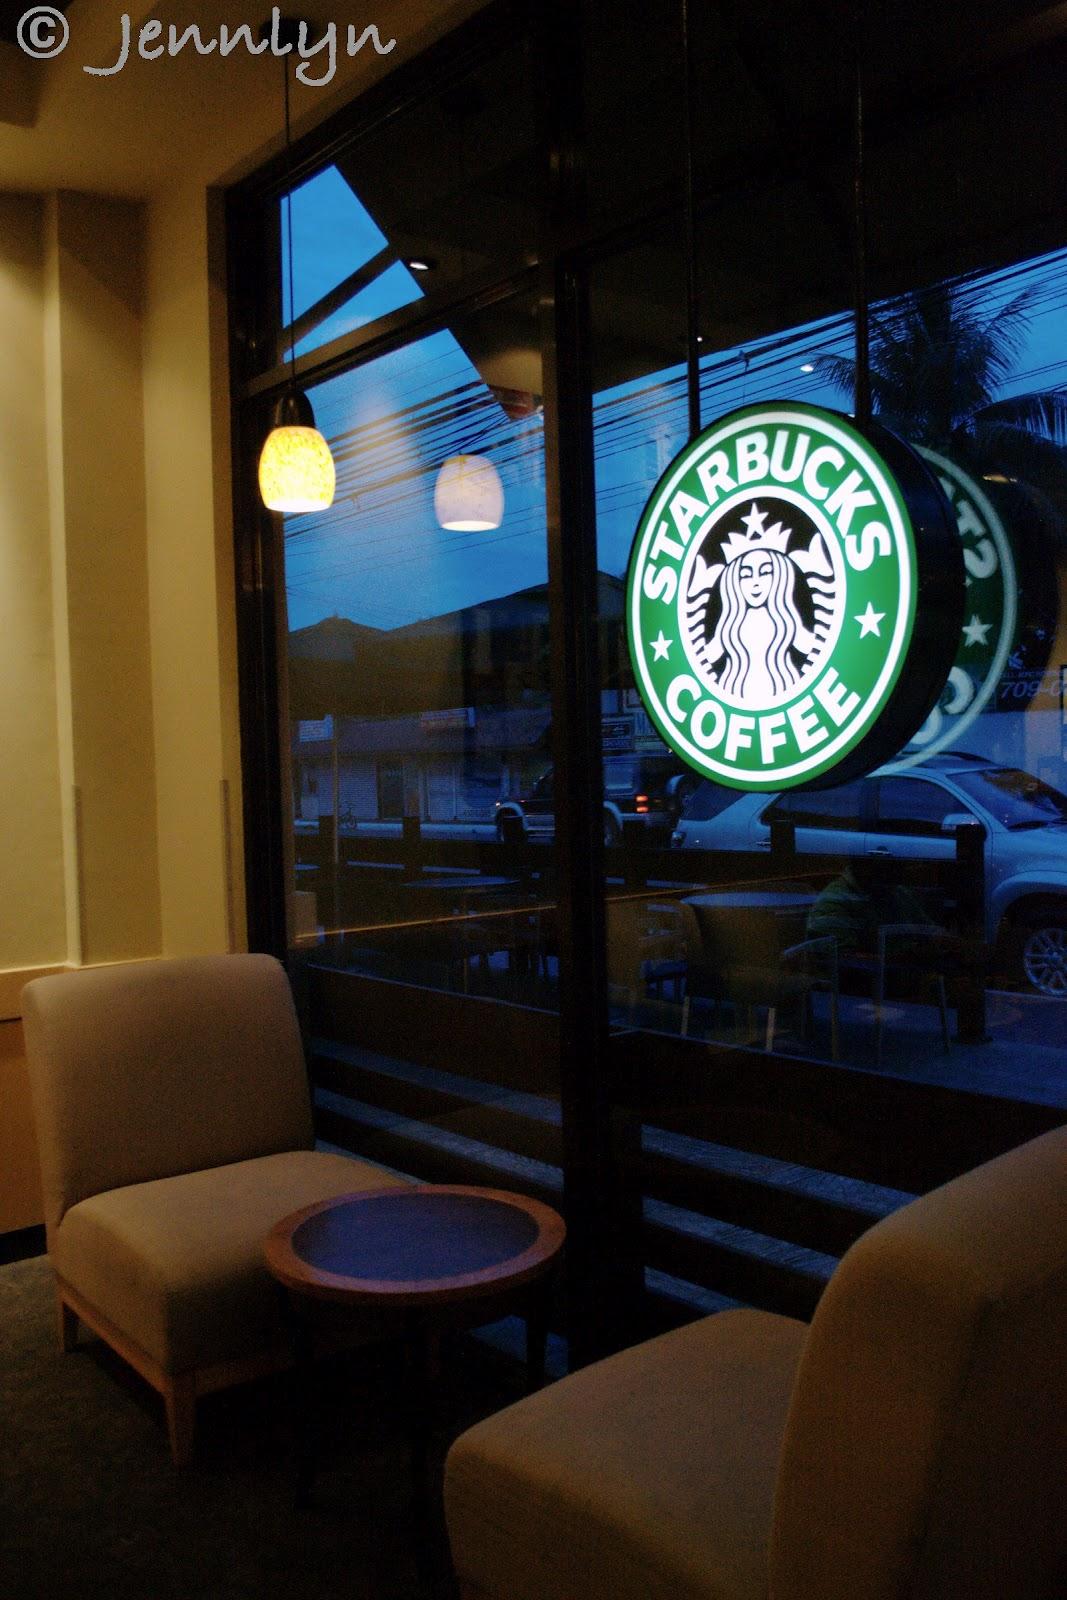 Destination Philippines Coffee Break At Starbucks